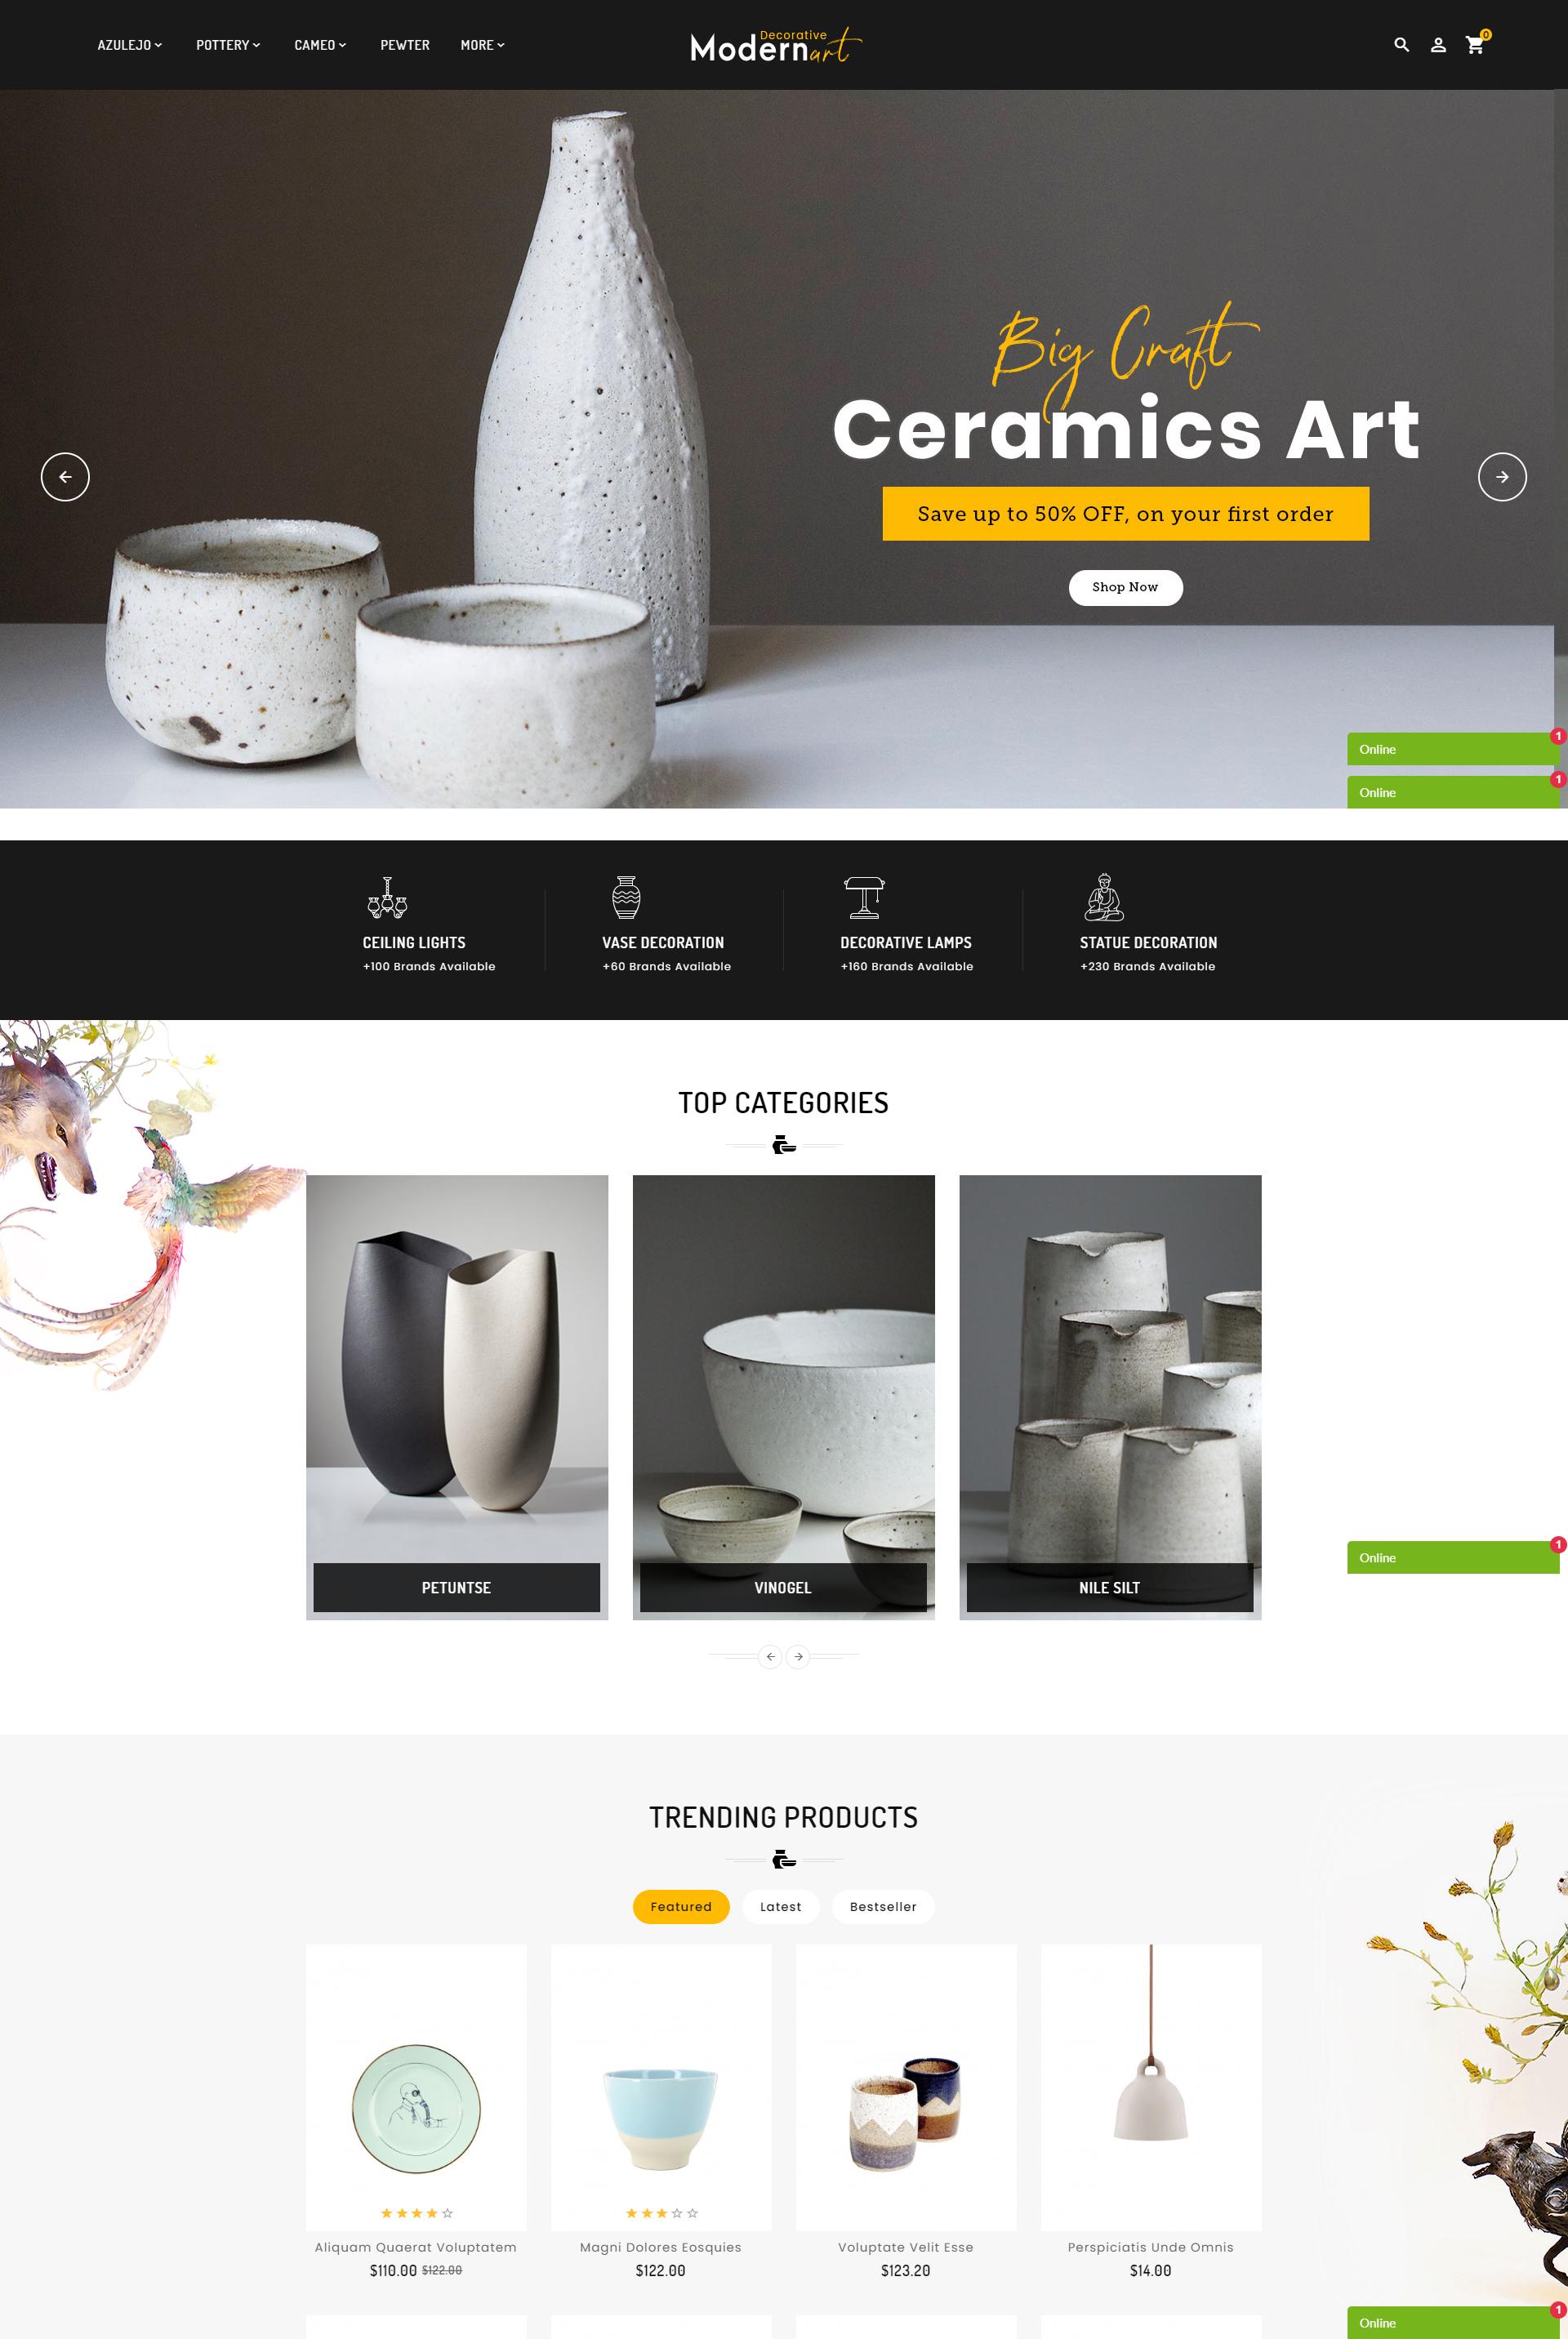 Mẫu Website bán hàng Gốm sứ Modern Art